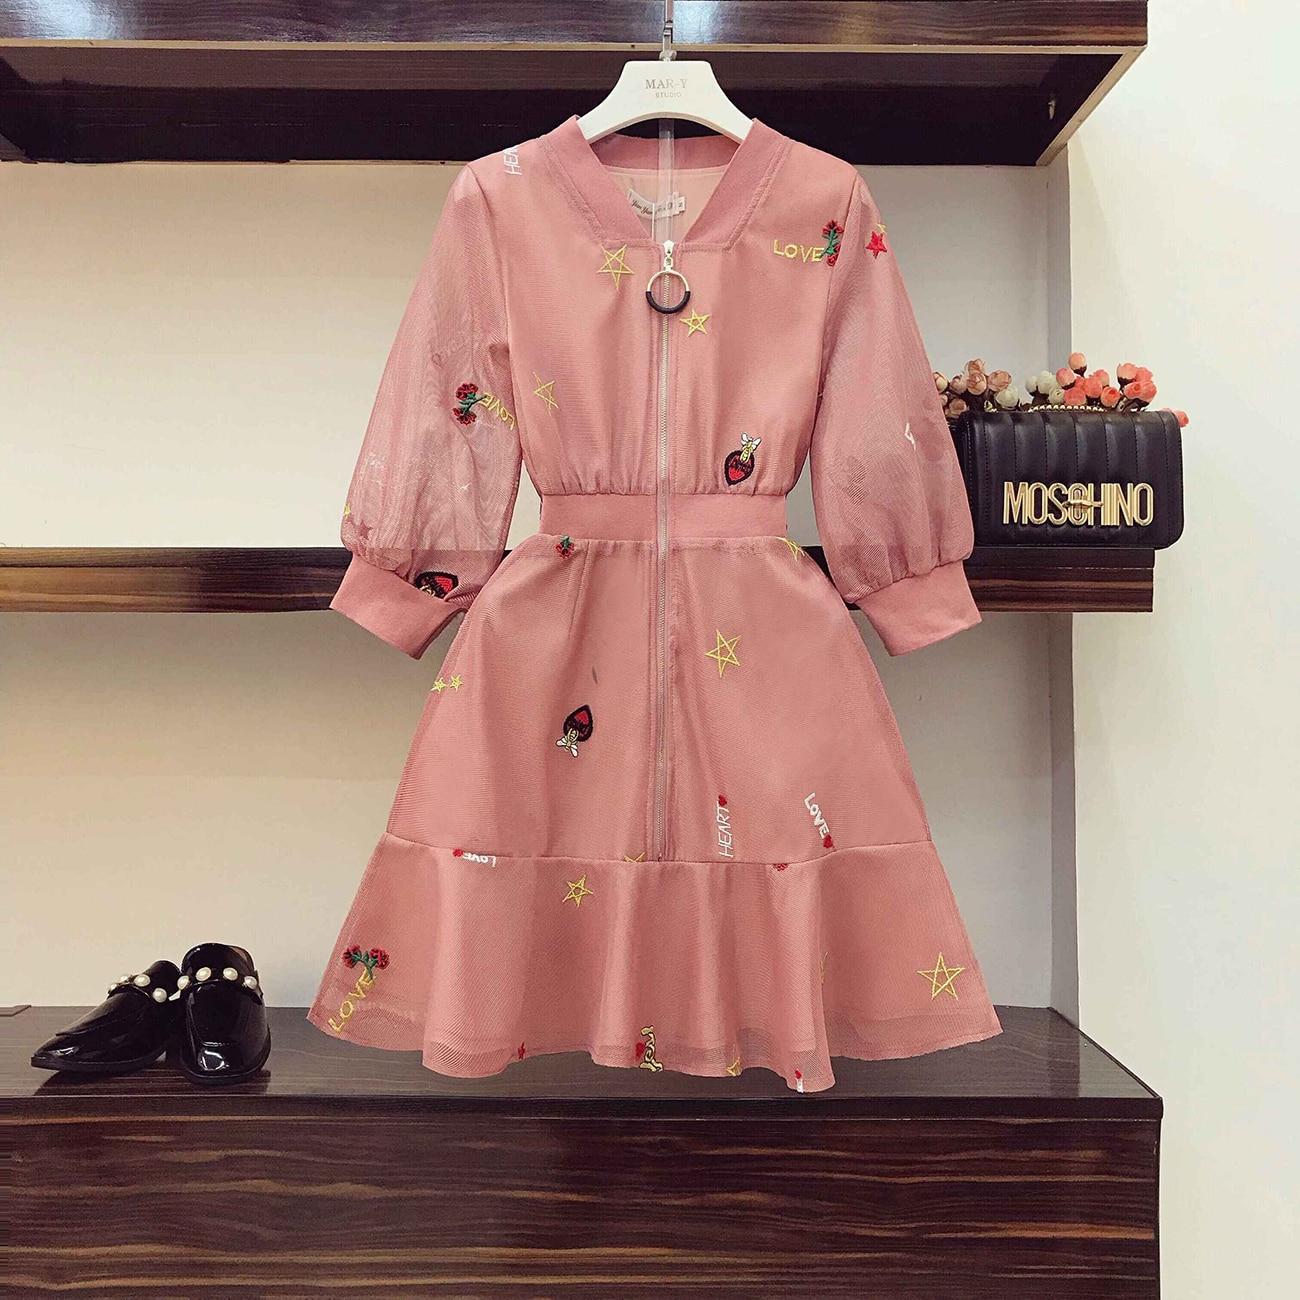 2019 Novo Verão Moda Floral Bordado Eugen Vestido de Gaze para As Mulheres V Pescoço Zipper Vestido De Fada Rosa de Cintura Alta Princesa vestido